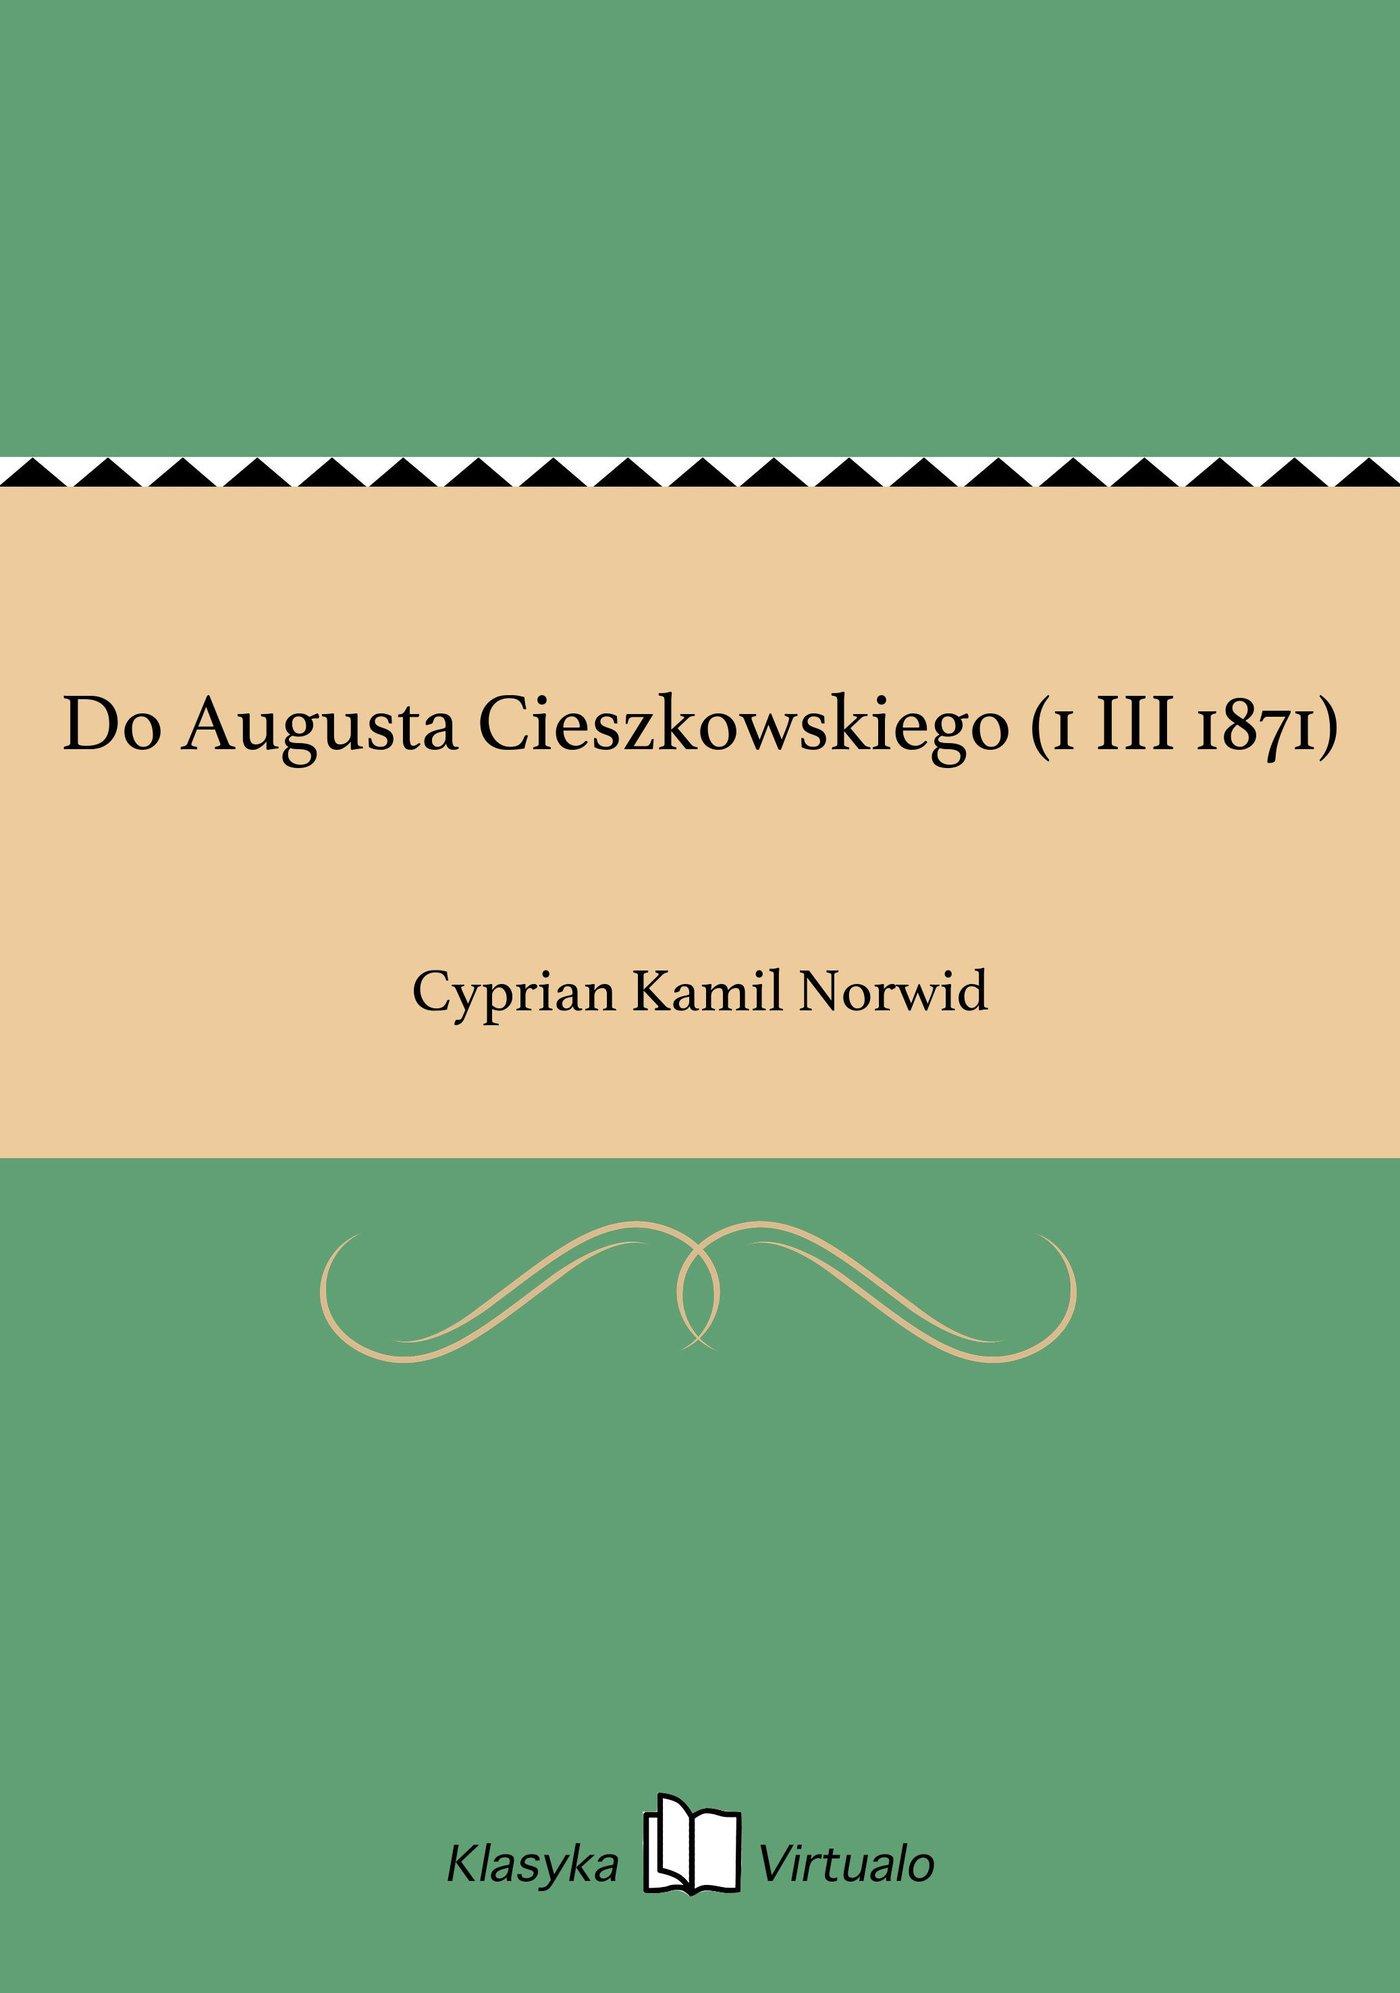 Do Augusta Cieszkowskiego (1 III 1871) - Ebook (Książka EPUB) do pobrania w formacie EPUB